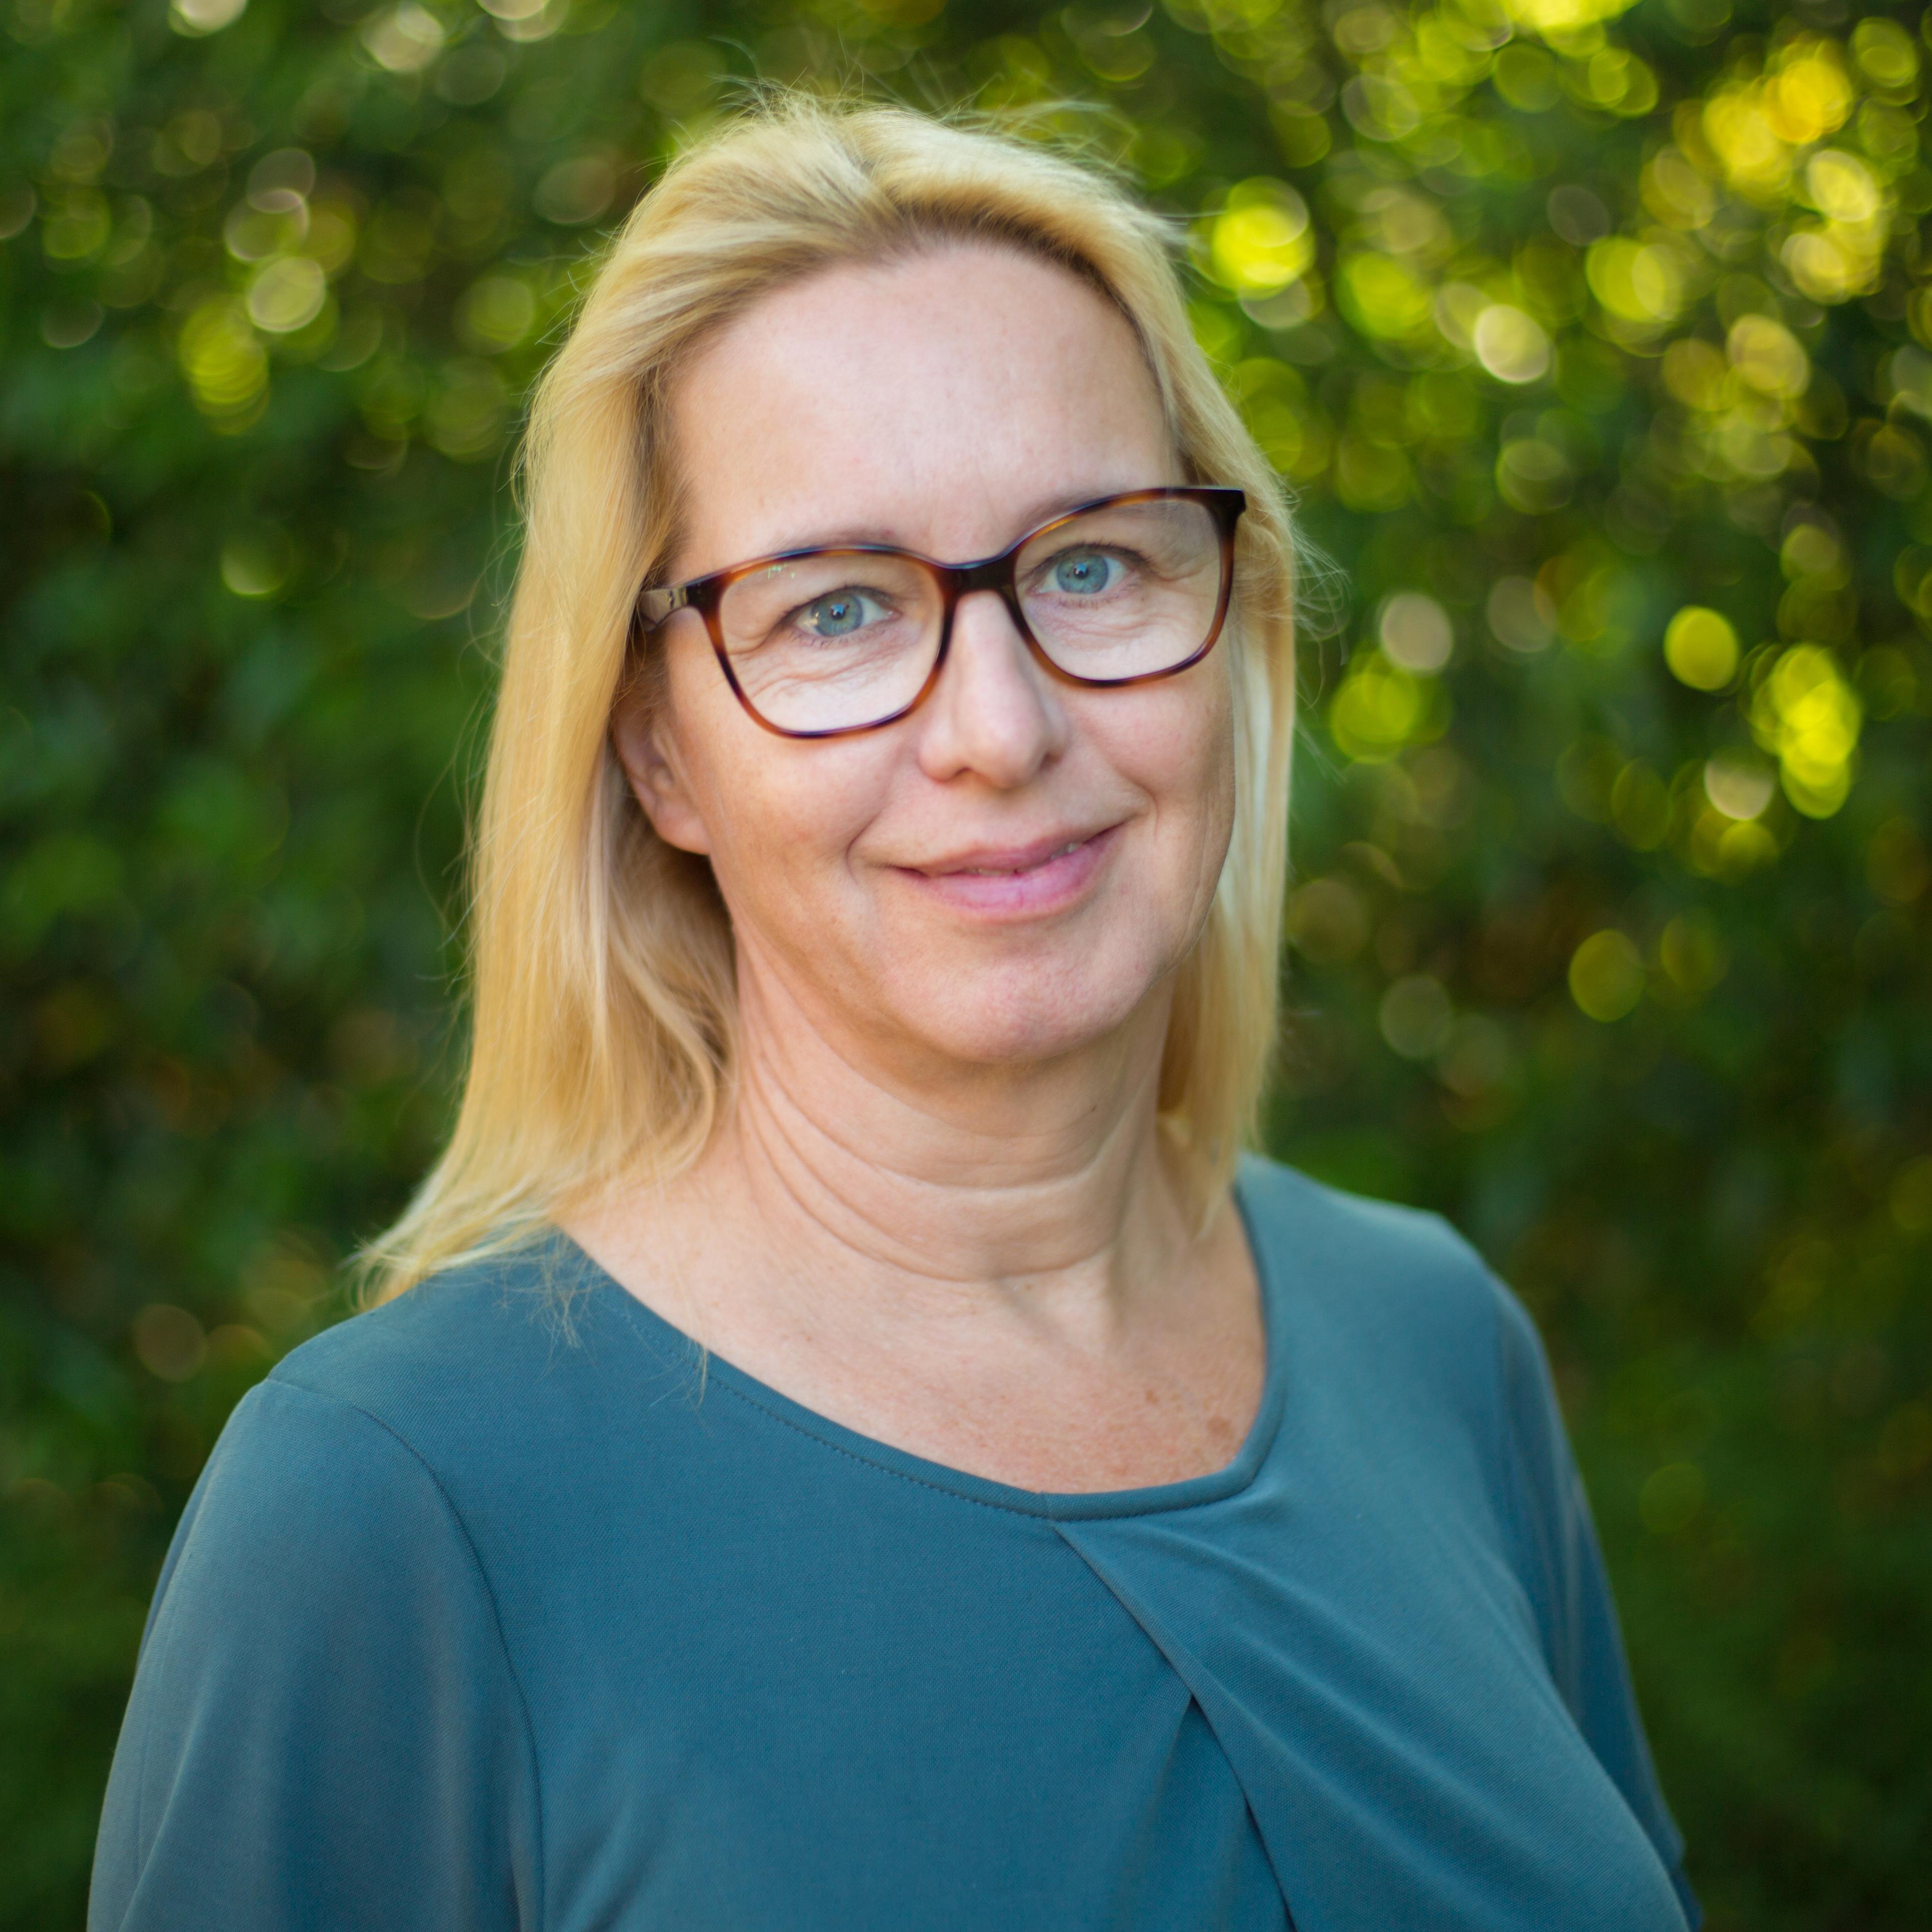 Nicole van Blijenburgh